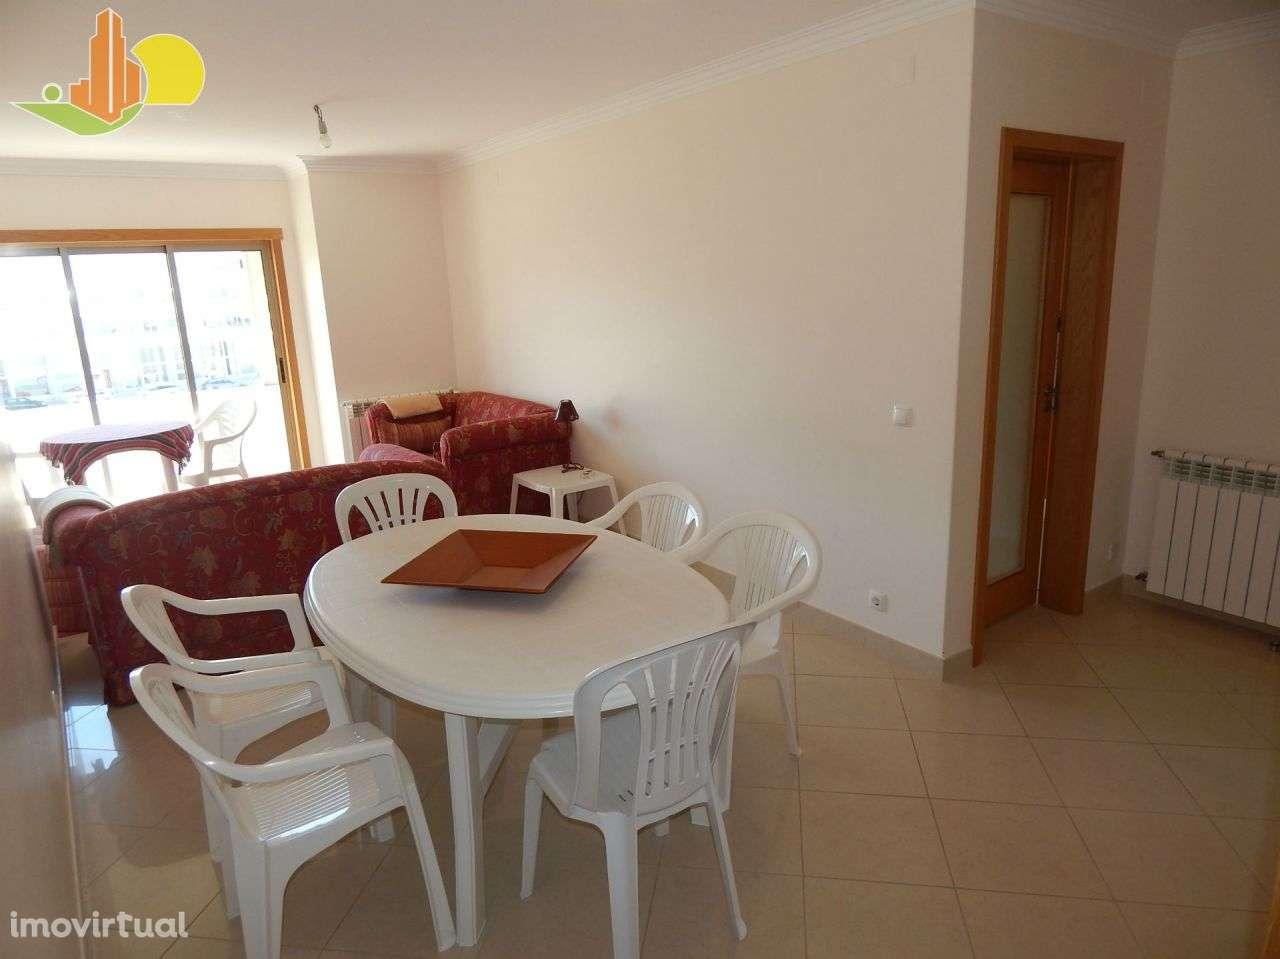 Apartamento para comprar, Buarcos e São Julião, Figueira da Foz, Coimbra - Foto 5